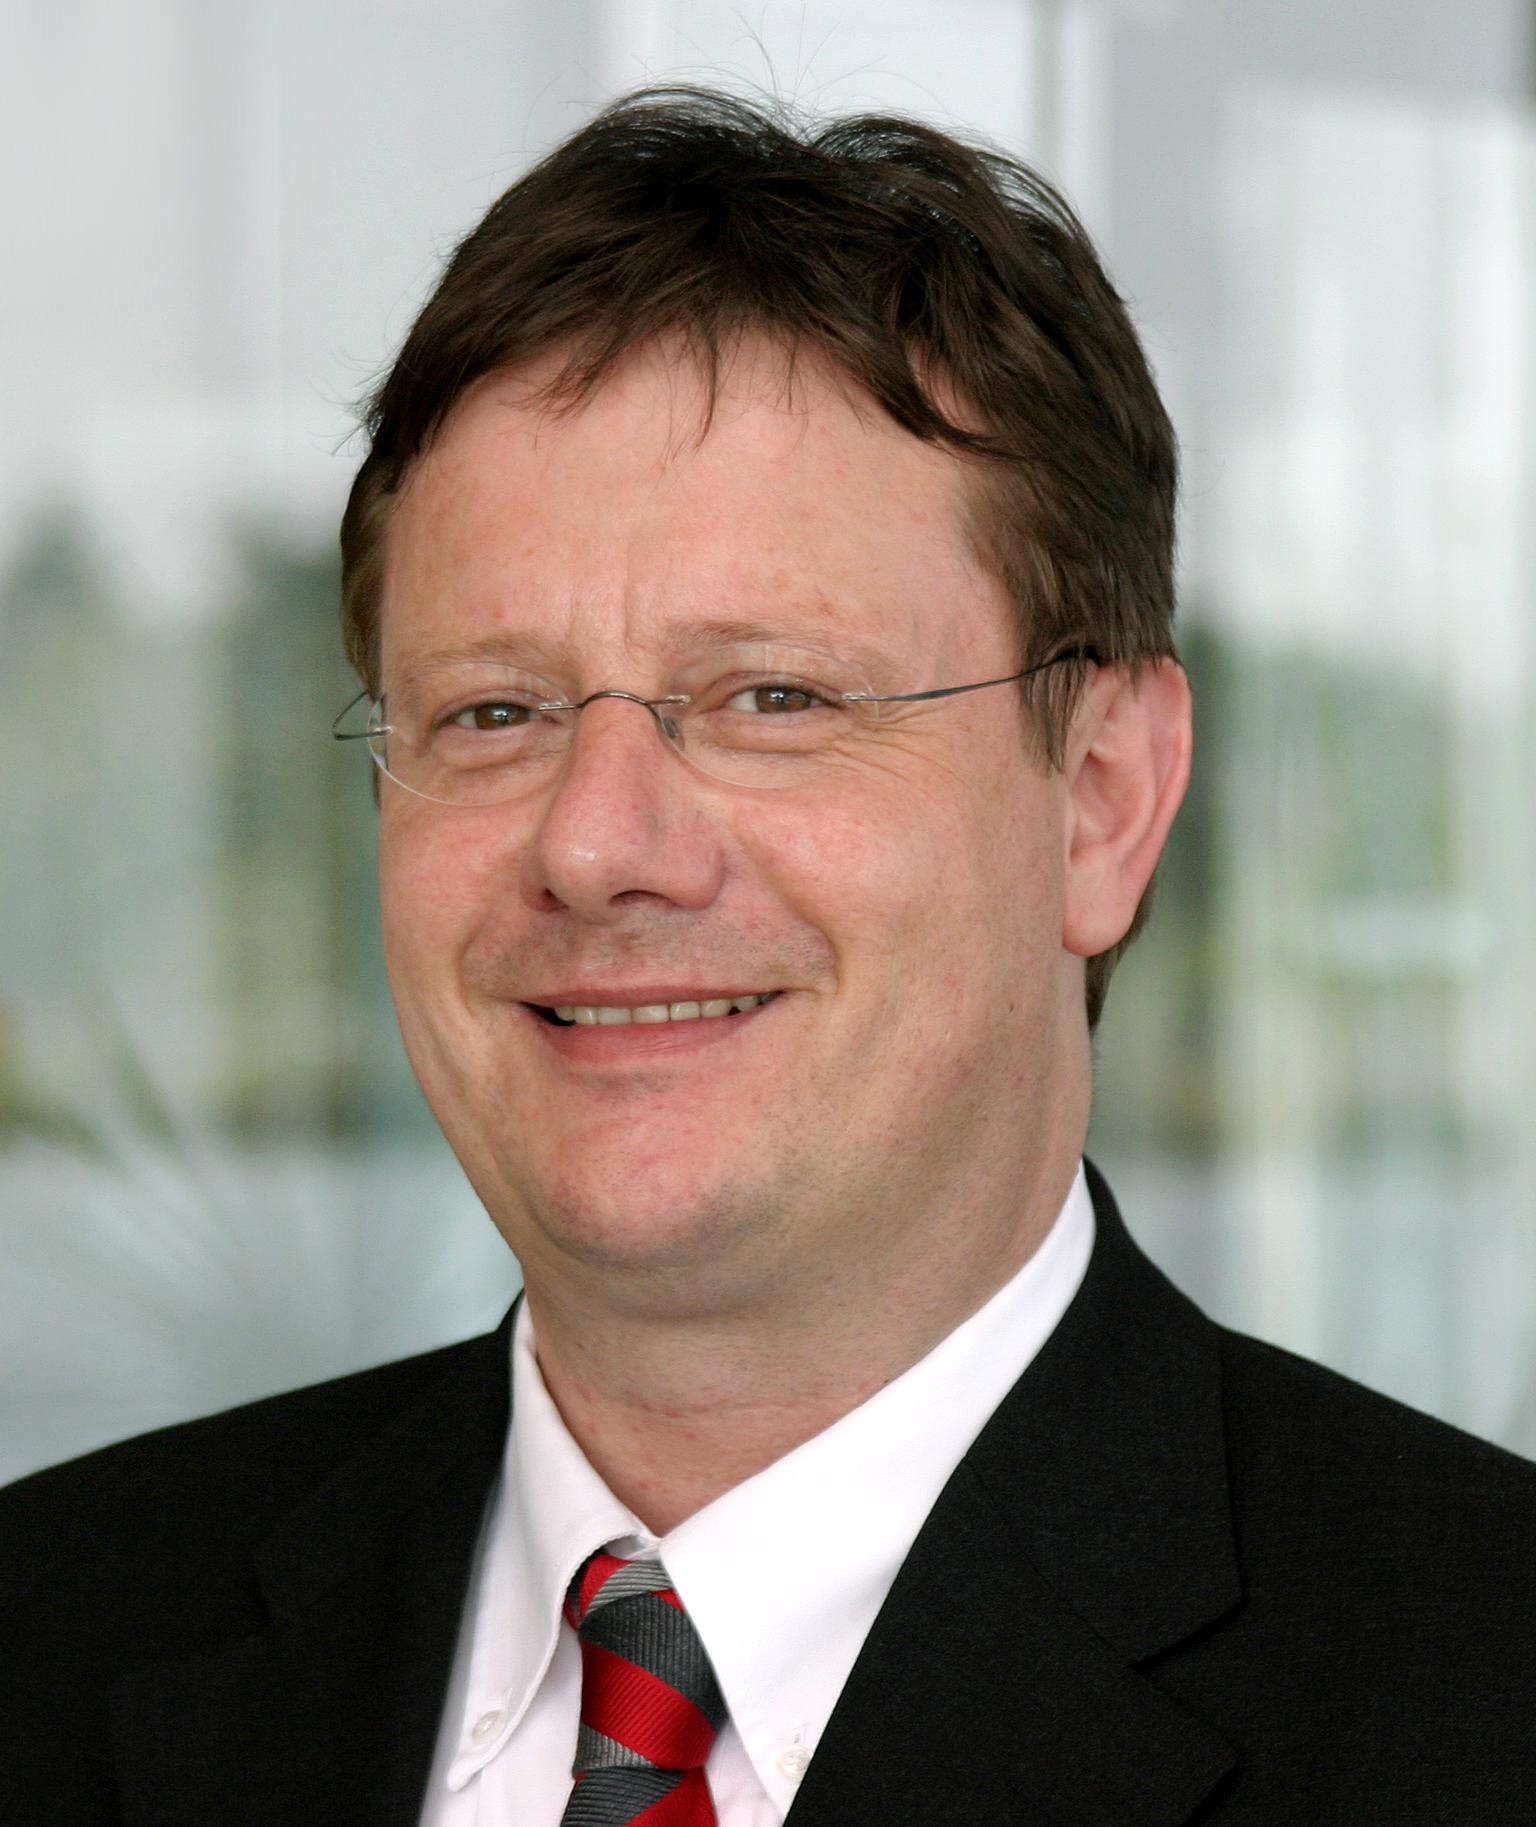 Hans-Jörg Rothen